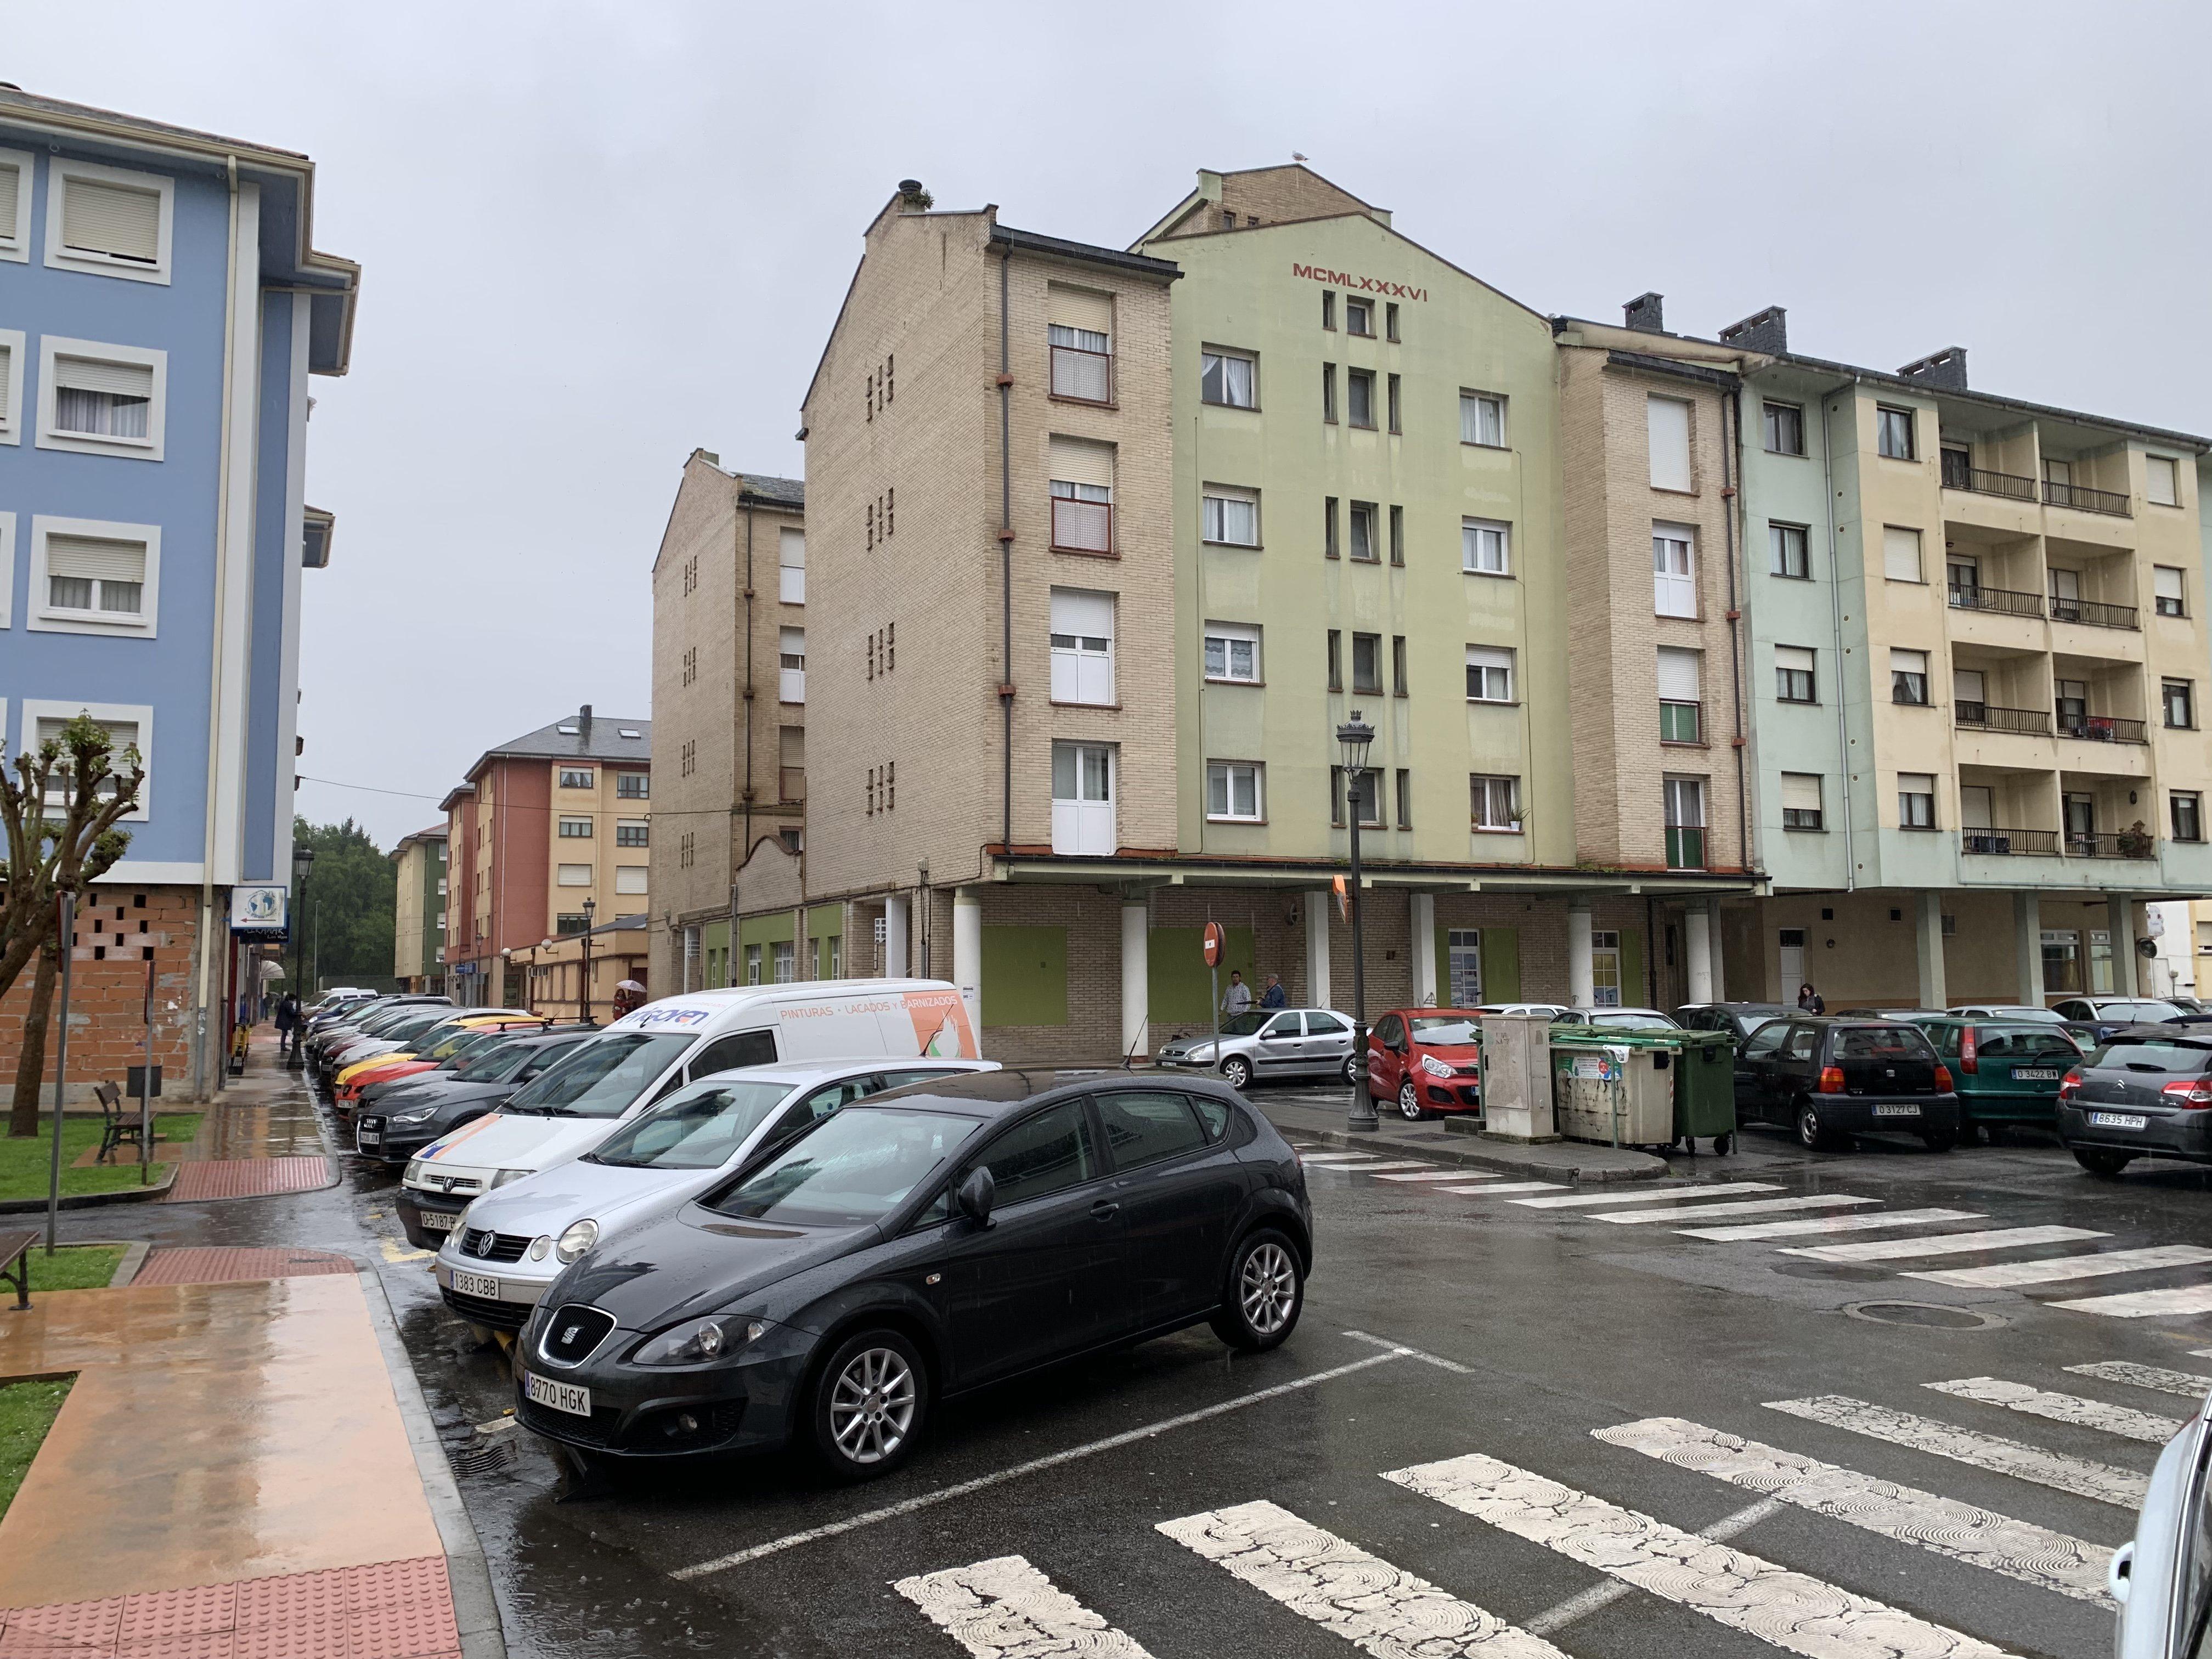 Algunos vecinos de Las Veigas (Navia) aspiran a conseguir en propiedad, las viviendas sociales que habitan en régimen de alquiler